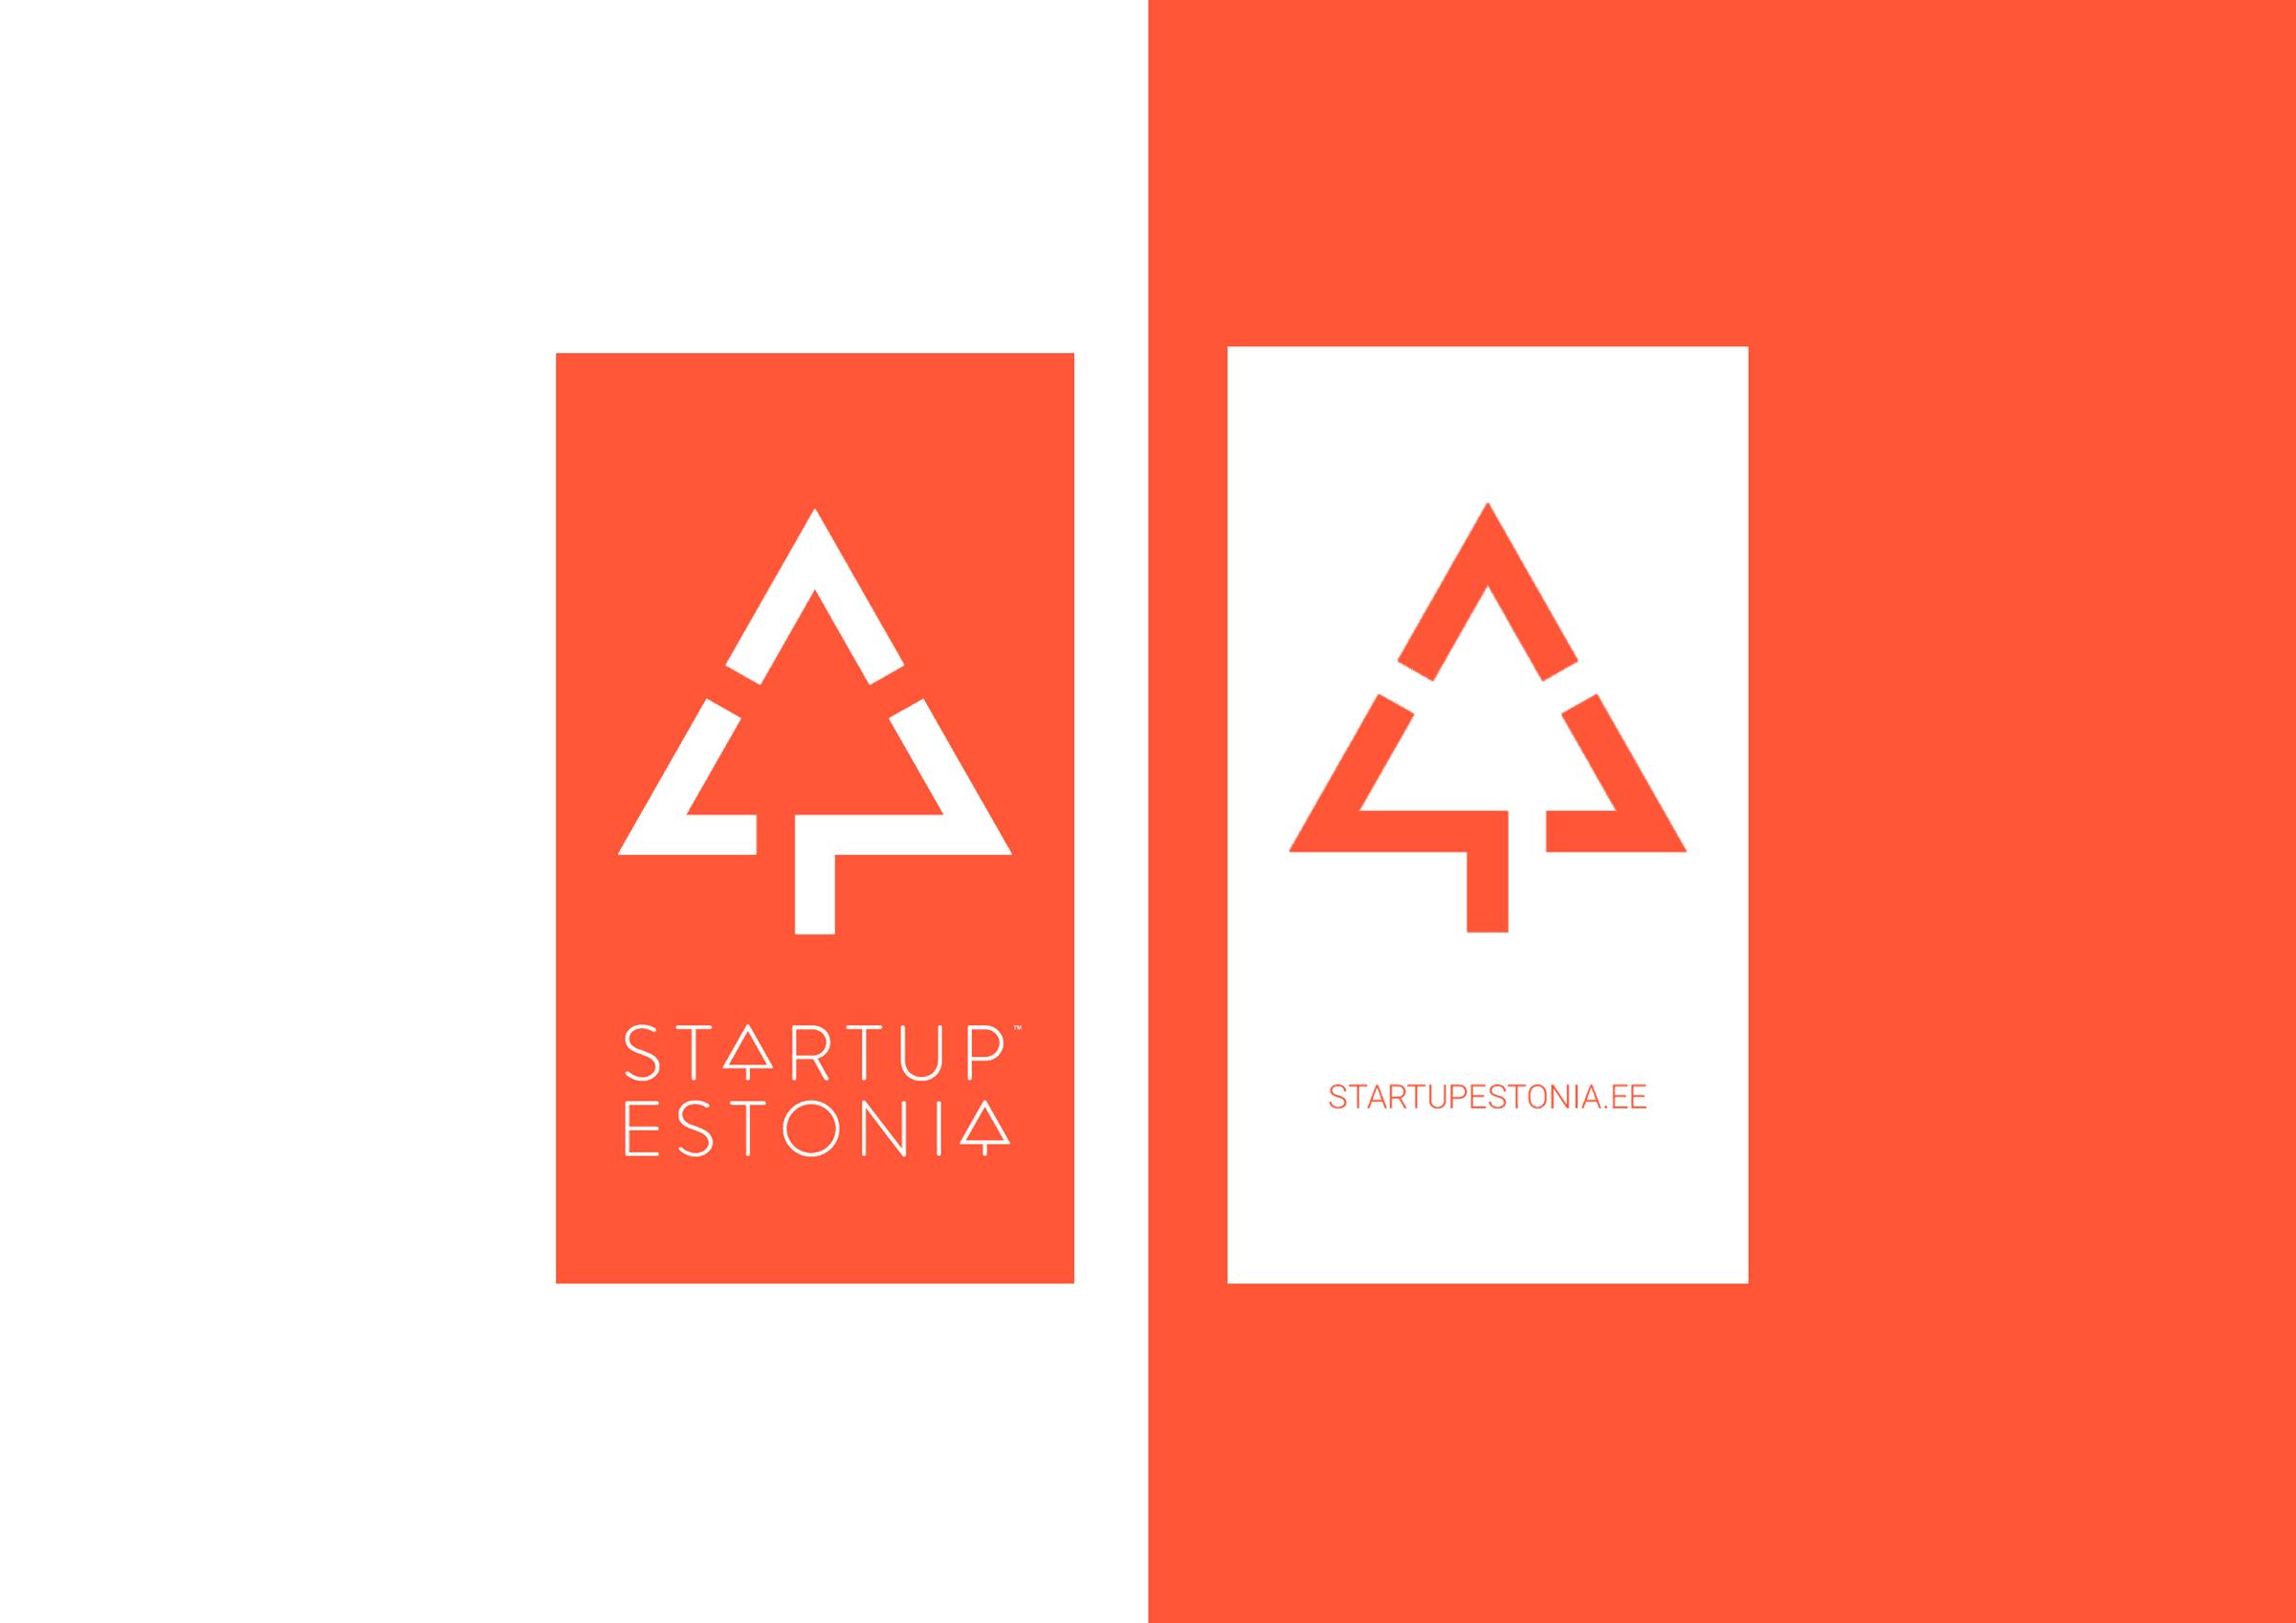 fraktal-startup_estonia-06